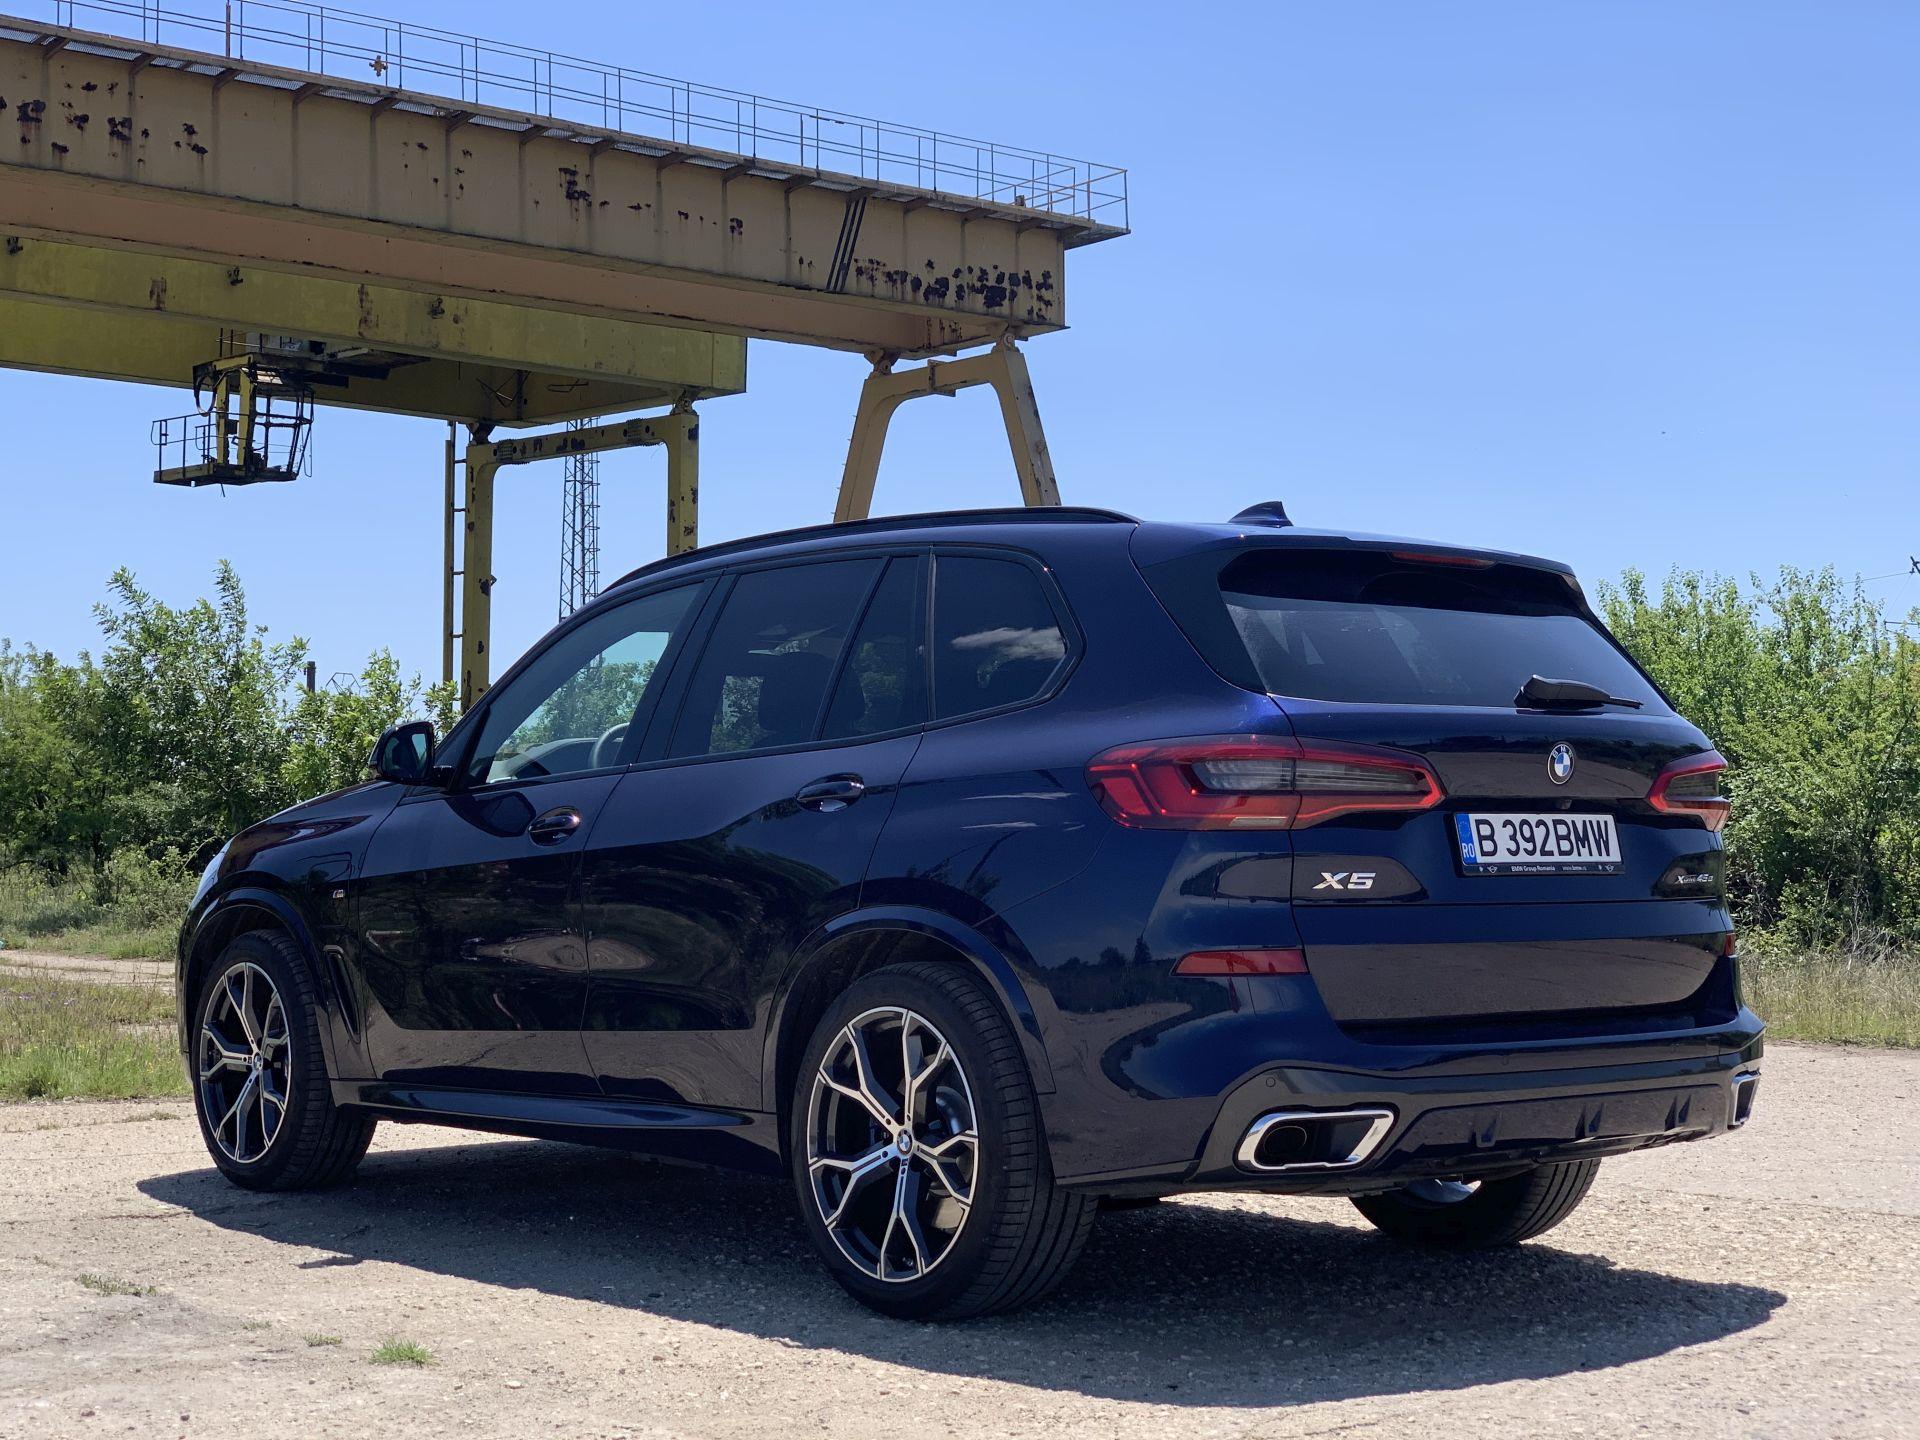 BMW X5 xDrive45e spate